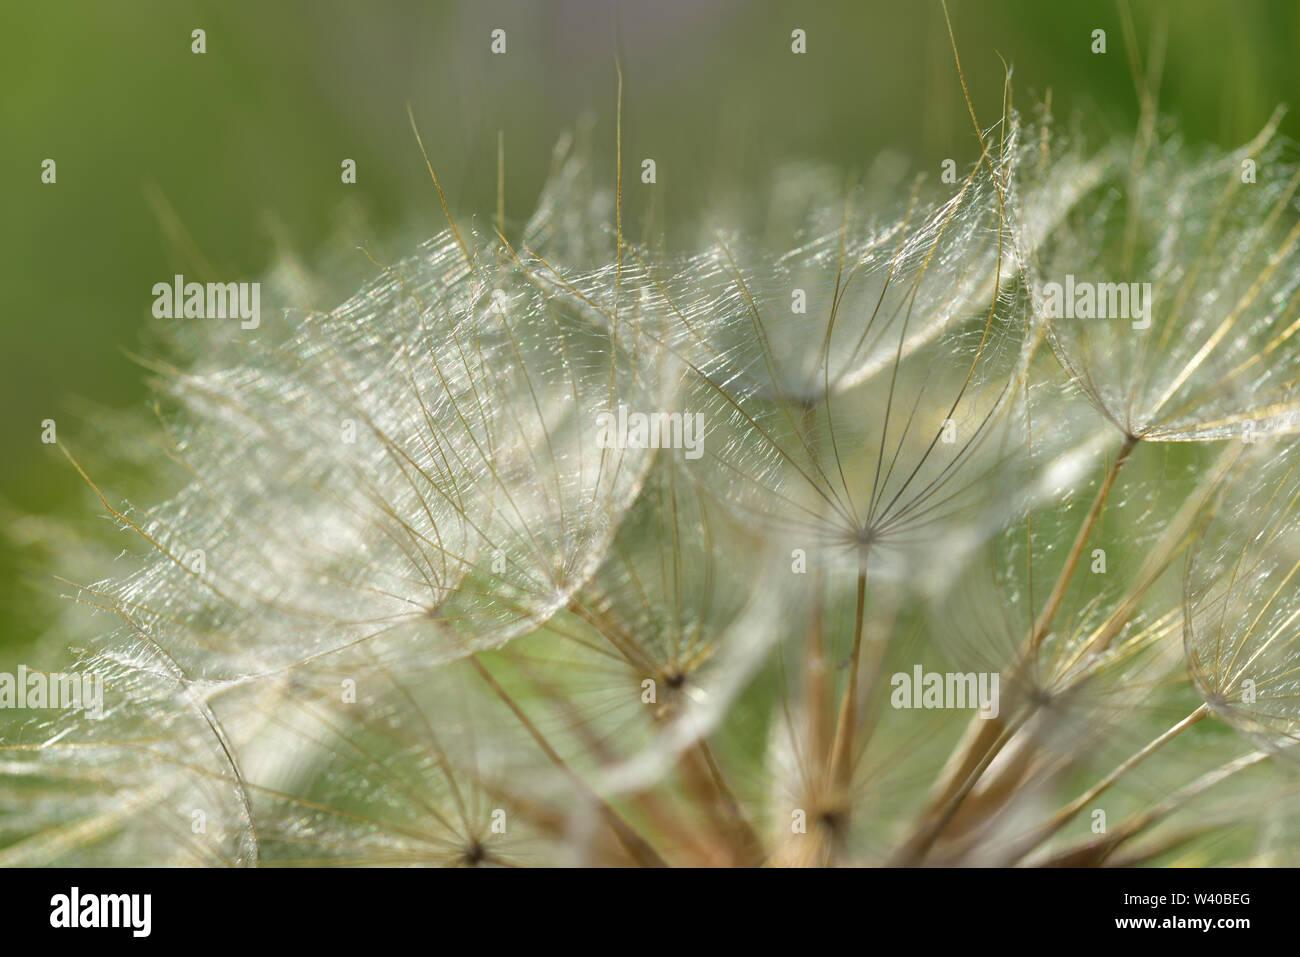 Fondo con la semilla pericos y volando las semillas de un diente de león en verano delante de fondo verde Imagen De Stock